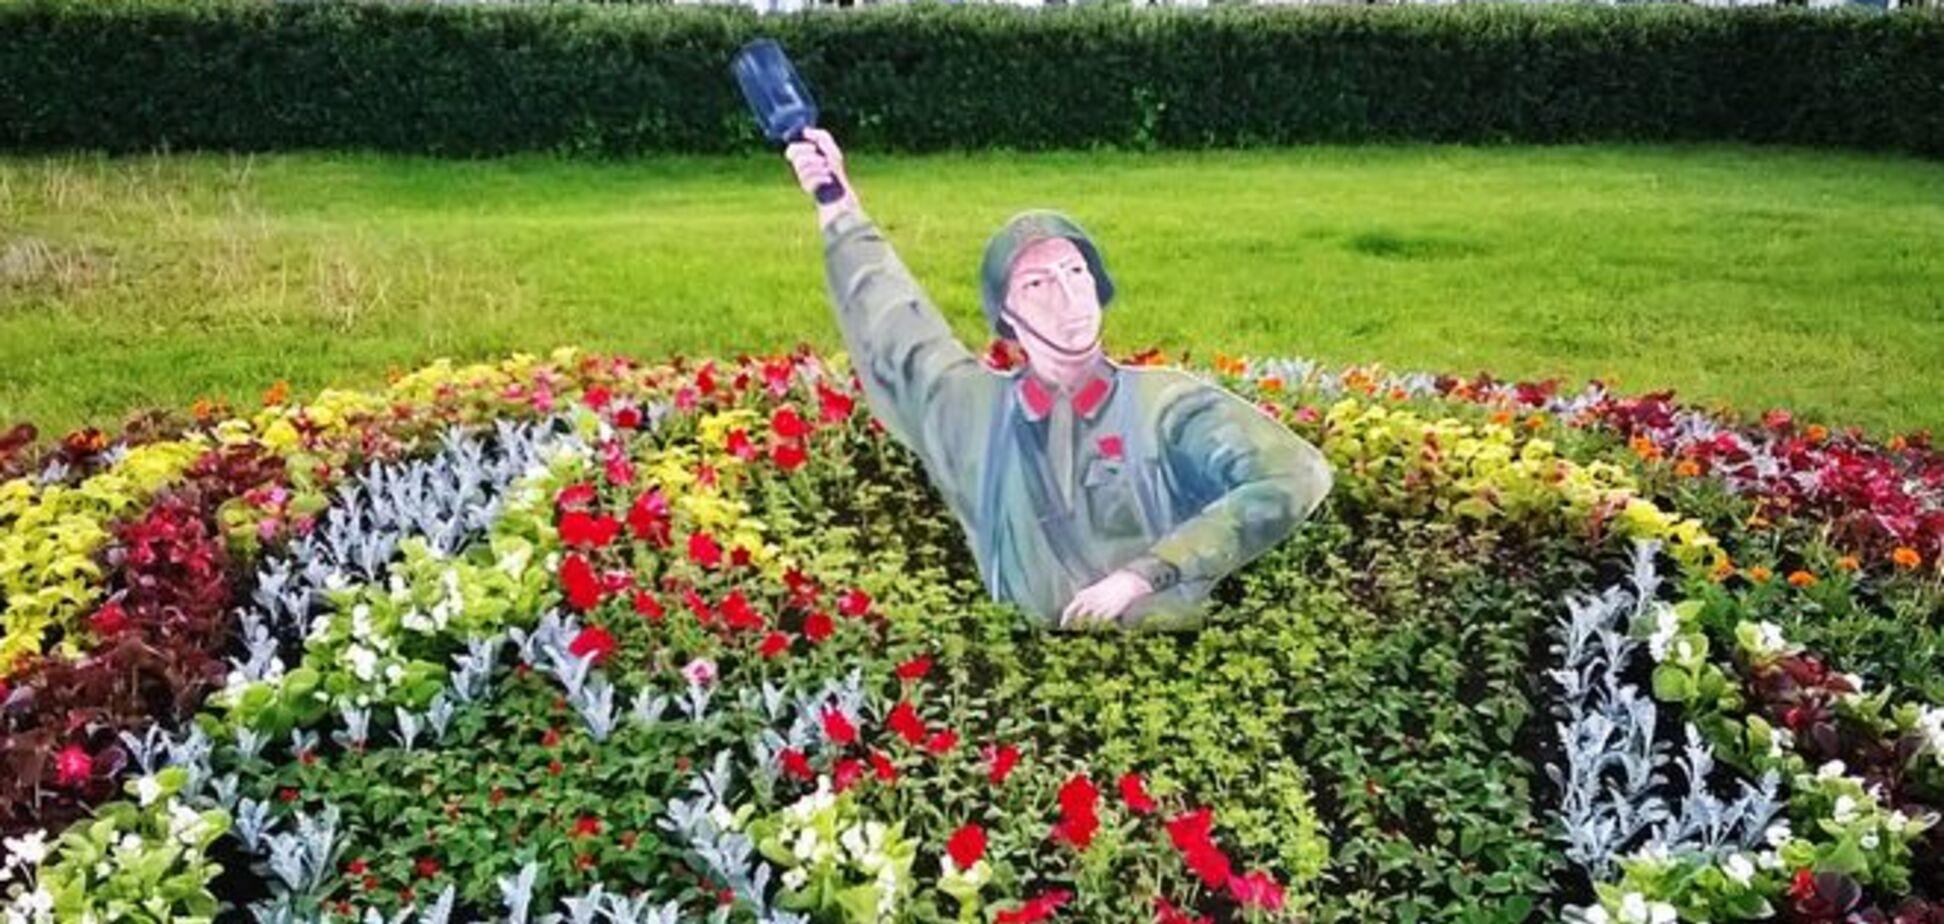 Шок и недоумение! В России из клумбы выпрыгивает солдат с гранатой: фотофакт